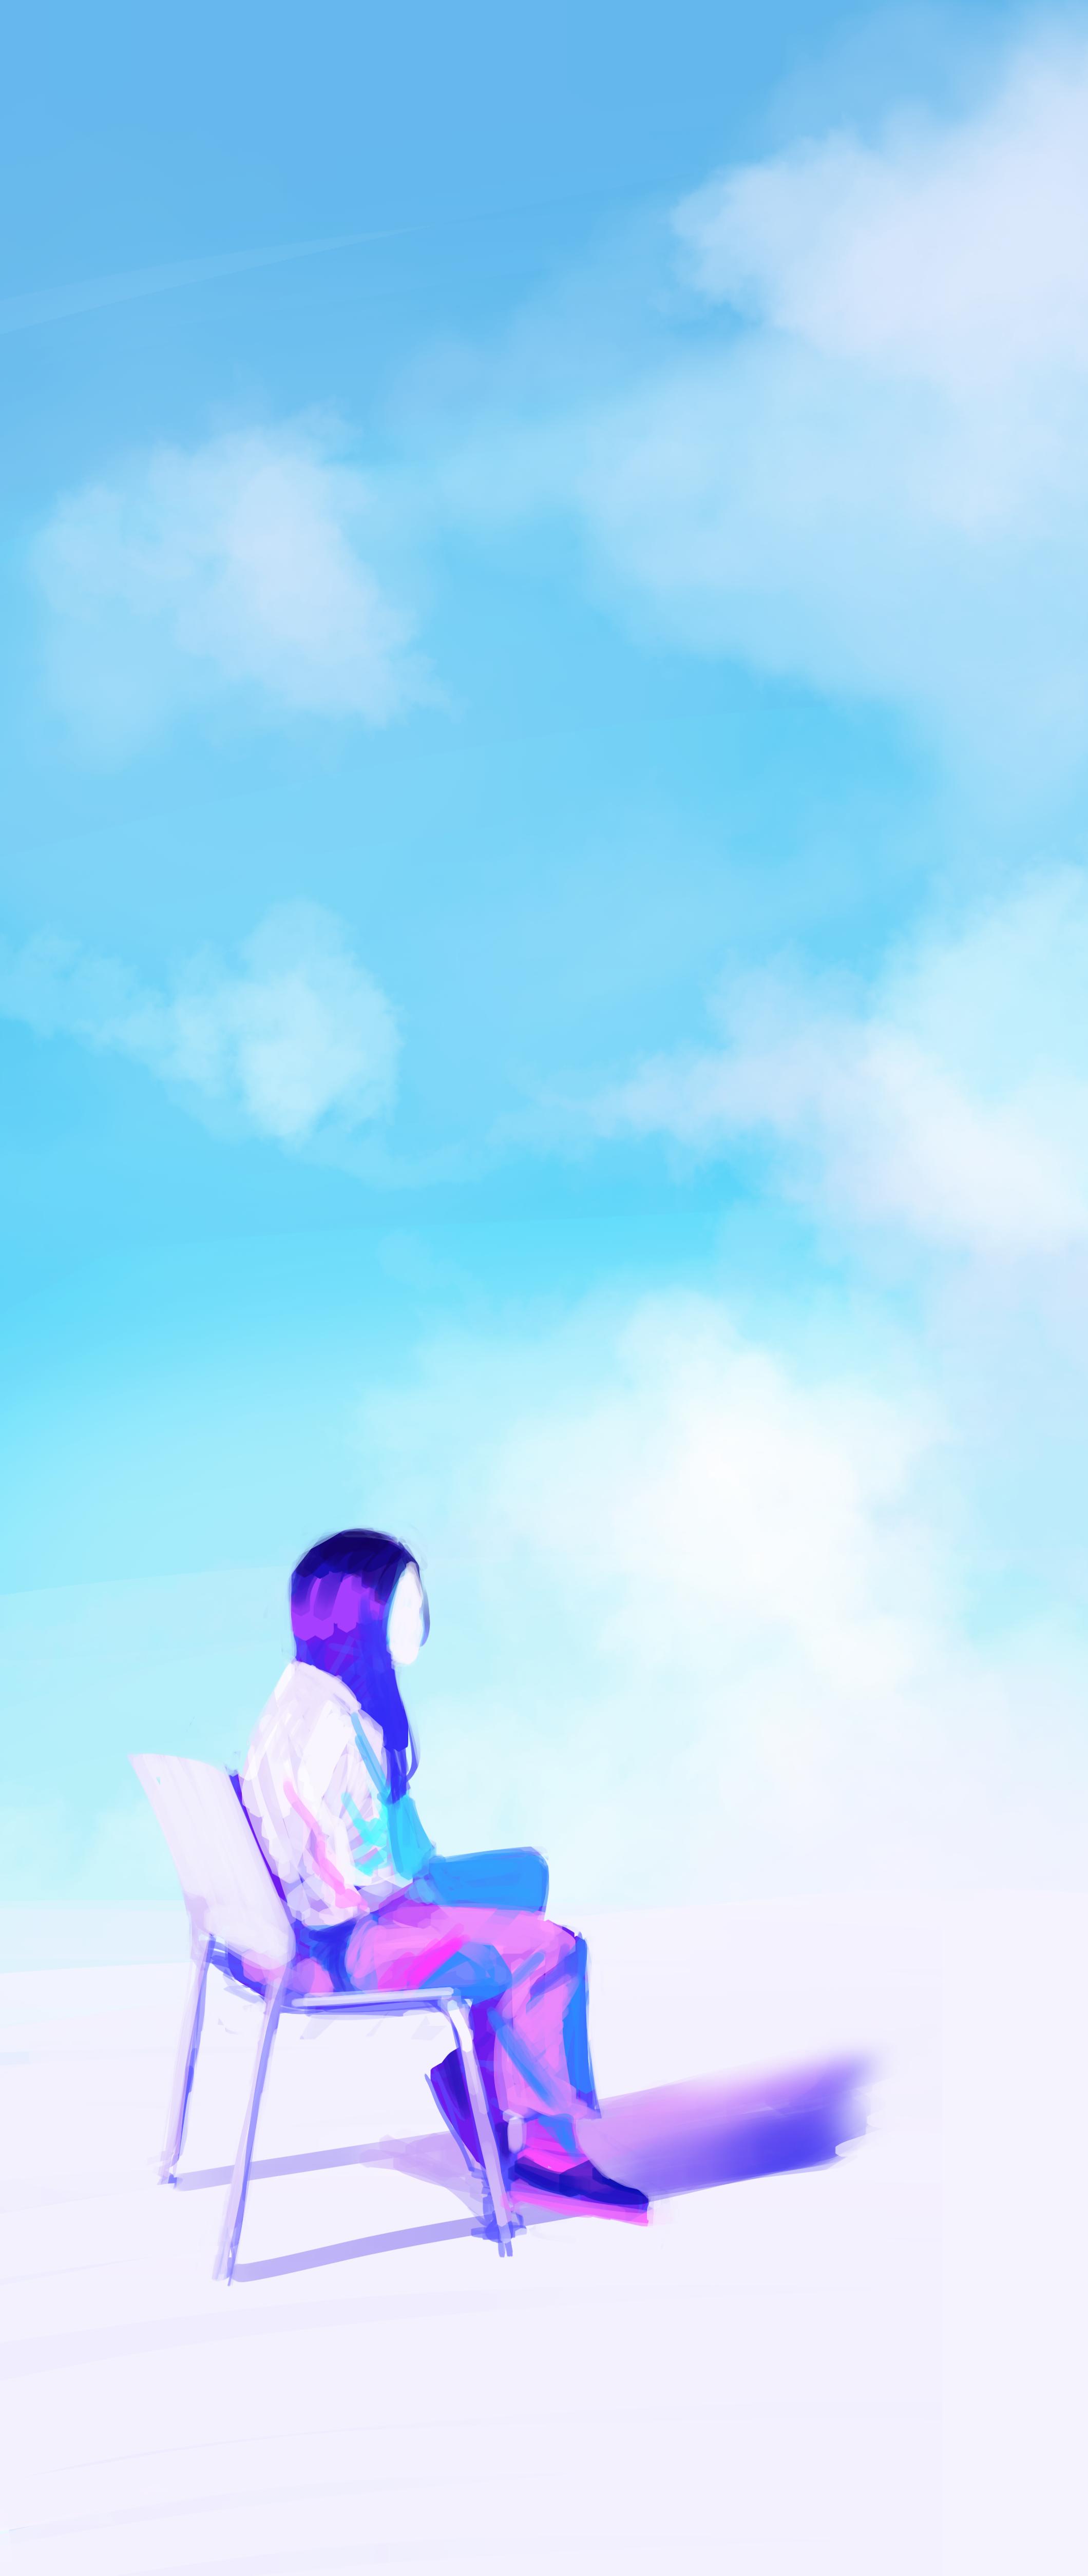 In sky